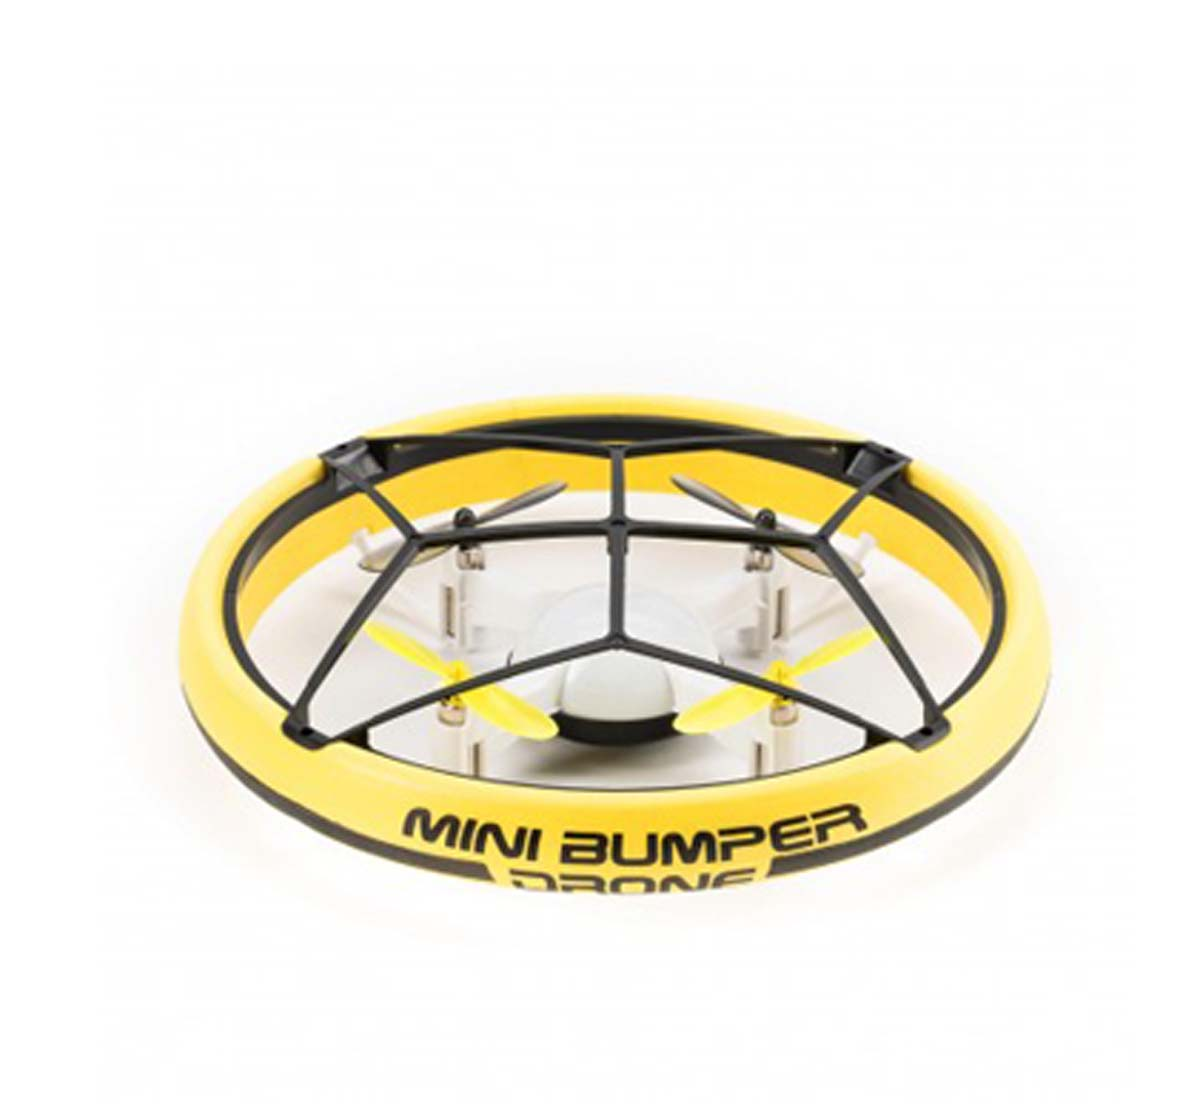 Silverlit | Sliverlite Bumper Drone™ Mini  Remote Control Toys for Kids age 10Y+